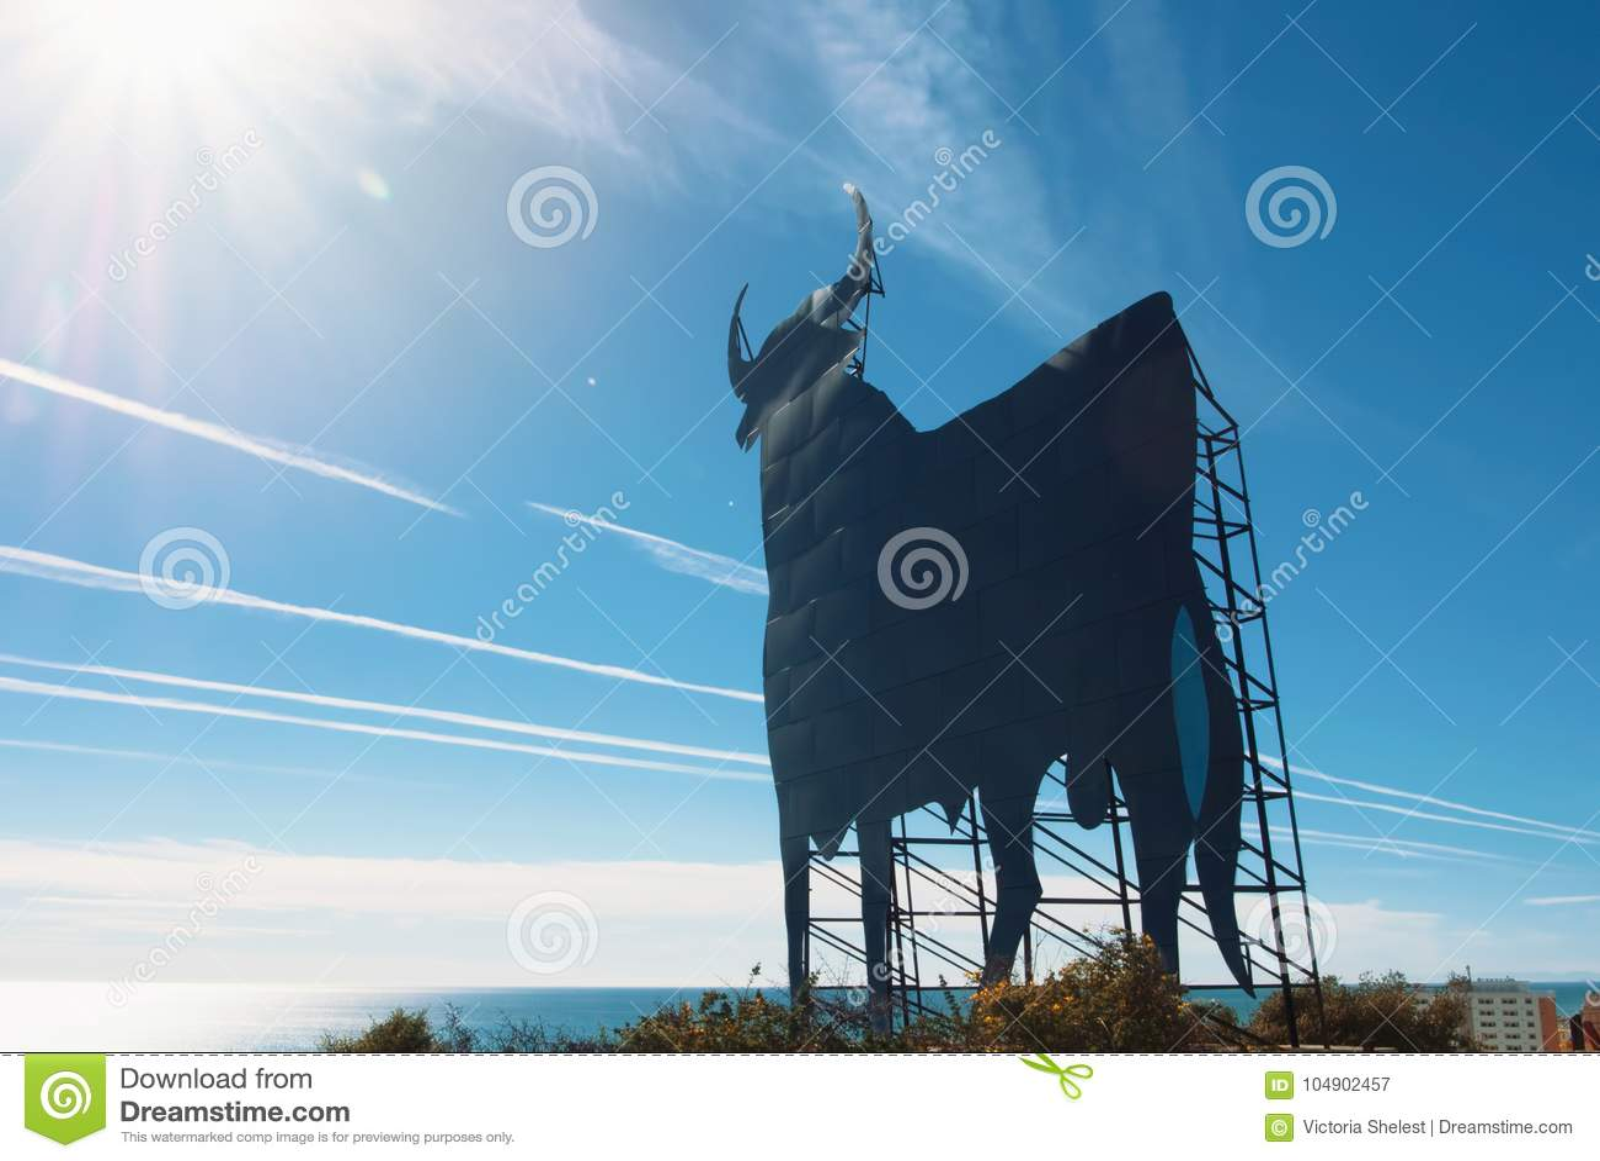 d4d59044a9bd Toro Osborne, symbole iconique de l Espagne, silhouette de taureau noir sur  la colline au-dessus de la ville de Fuengirola, la mer Méditerranée au fond